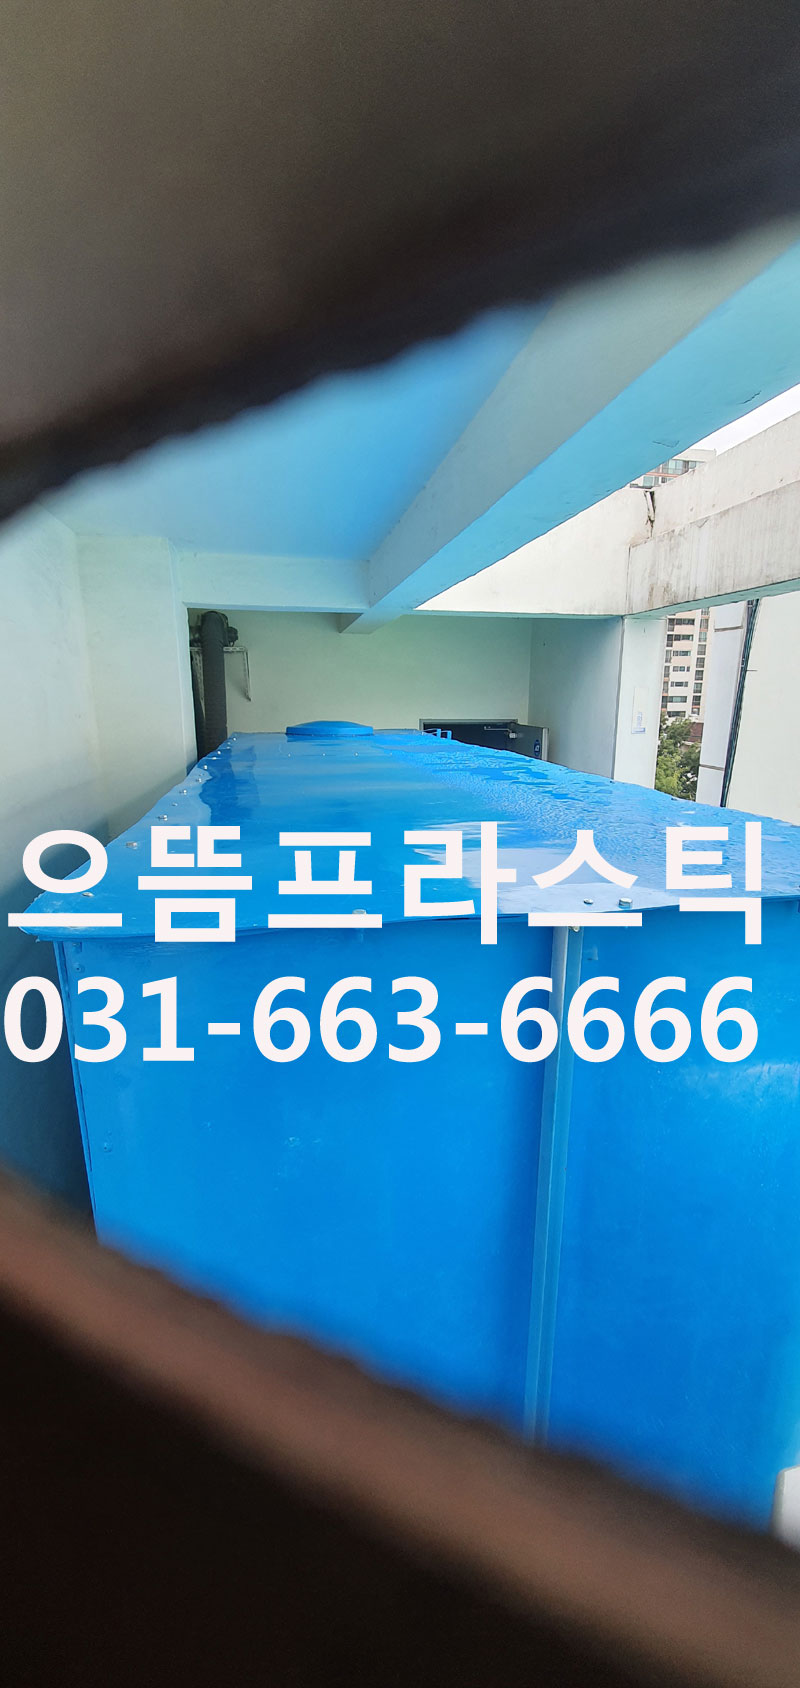 2796bcda83f5a0eee4326d8219629263_1630908411_818.jpg